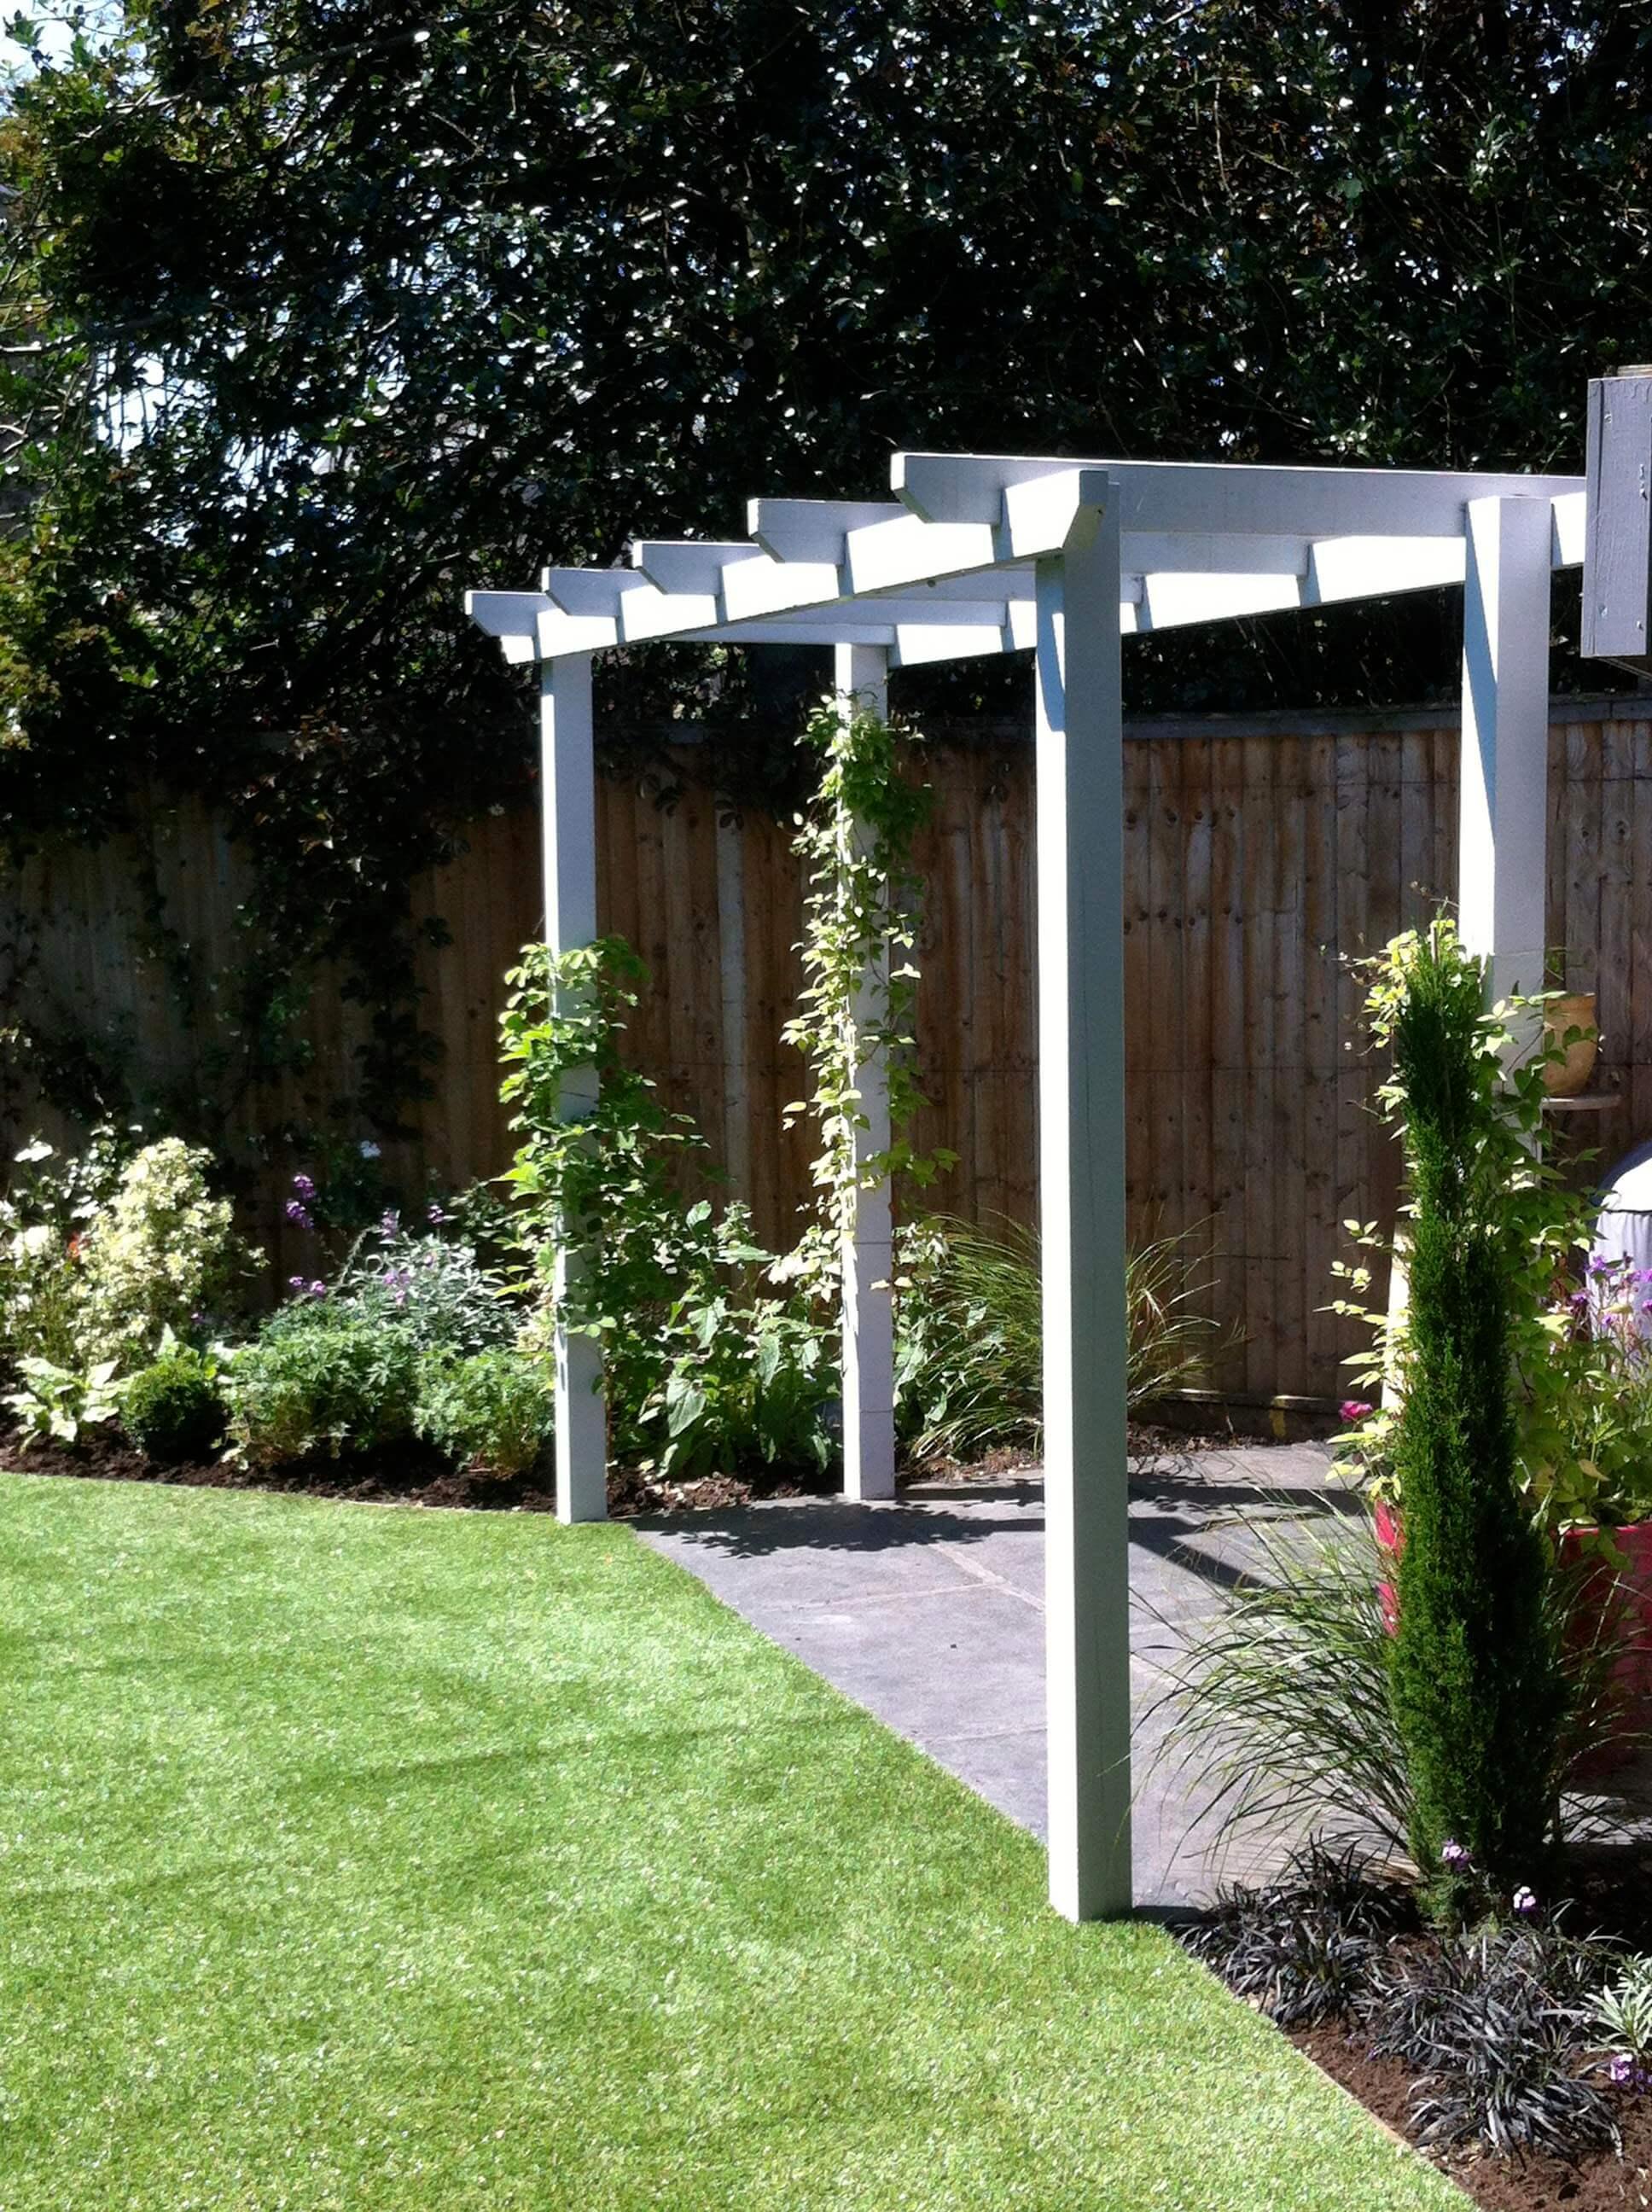 1. Pippa's family garden